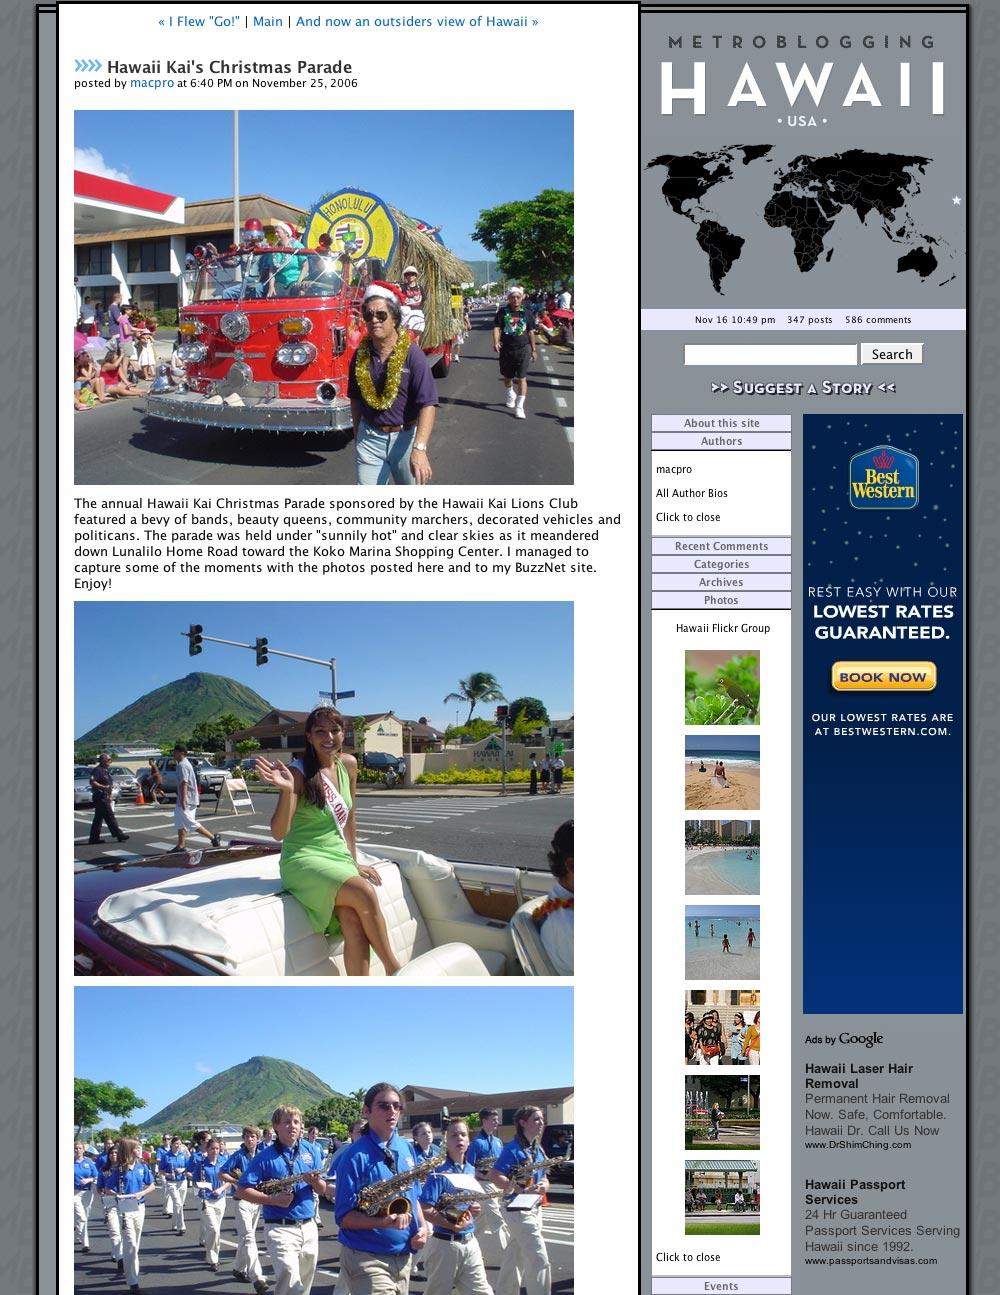 ハワイカイ クリスマスパレード